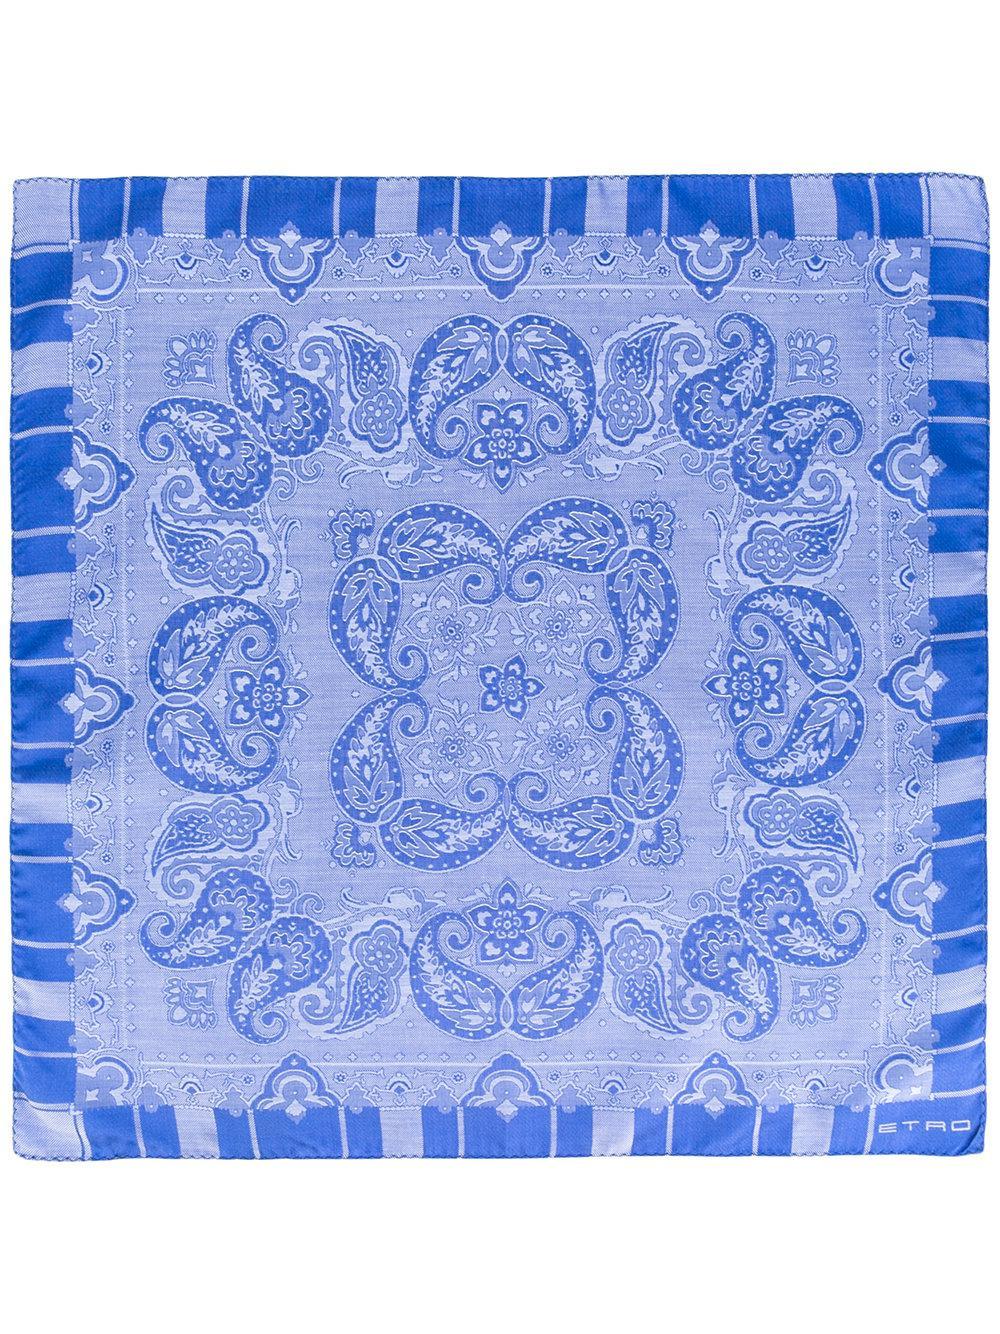 Lyst - Foulard à motif cachemire Etro pour homme en coloris Bleu b93f499b679f